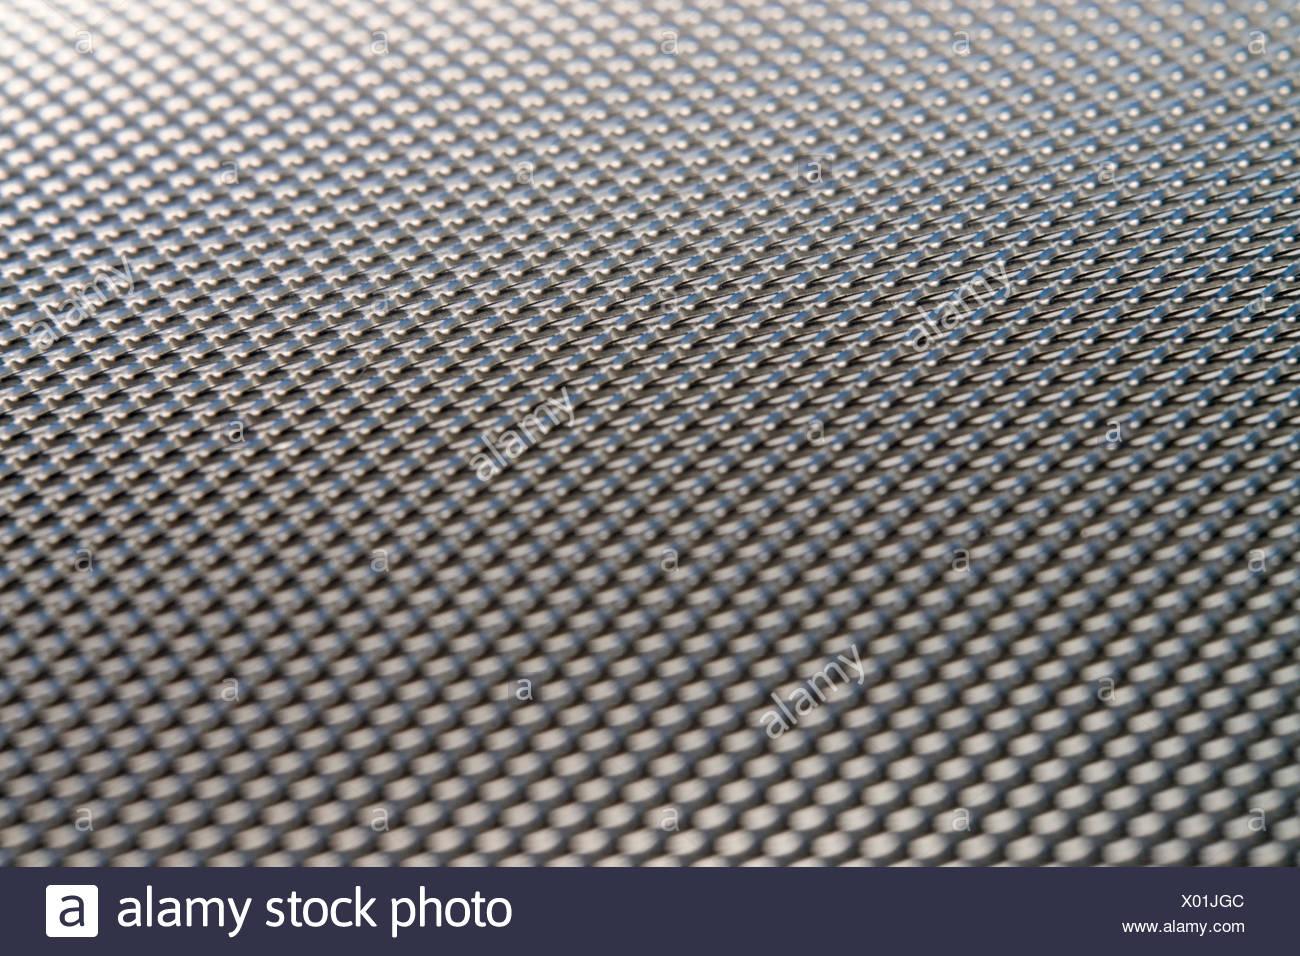 Metalldraht Stockfotos & Metalldraht Bilder - Alamy